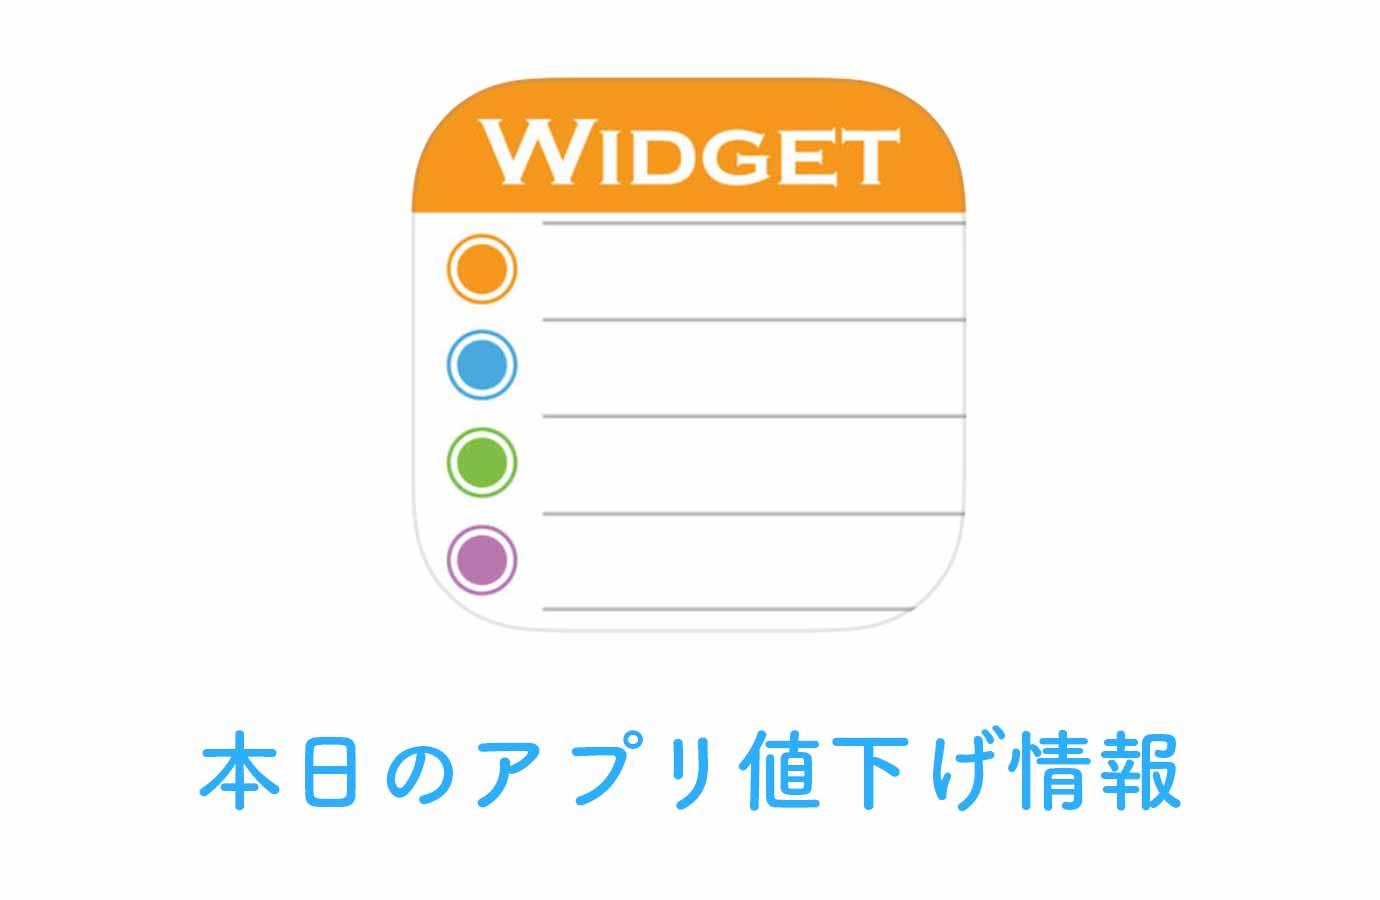 240円 → 無料!通知センターでも確認ができるリマインダーアプリ「Reminders Widget」など【6/18版】アプリ値下げ情報